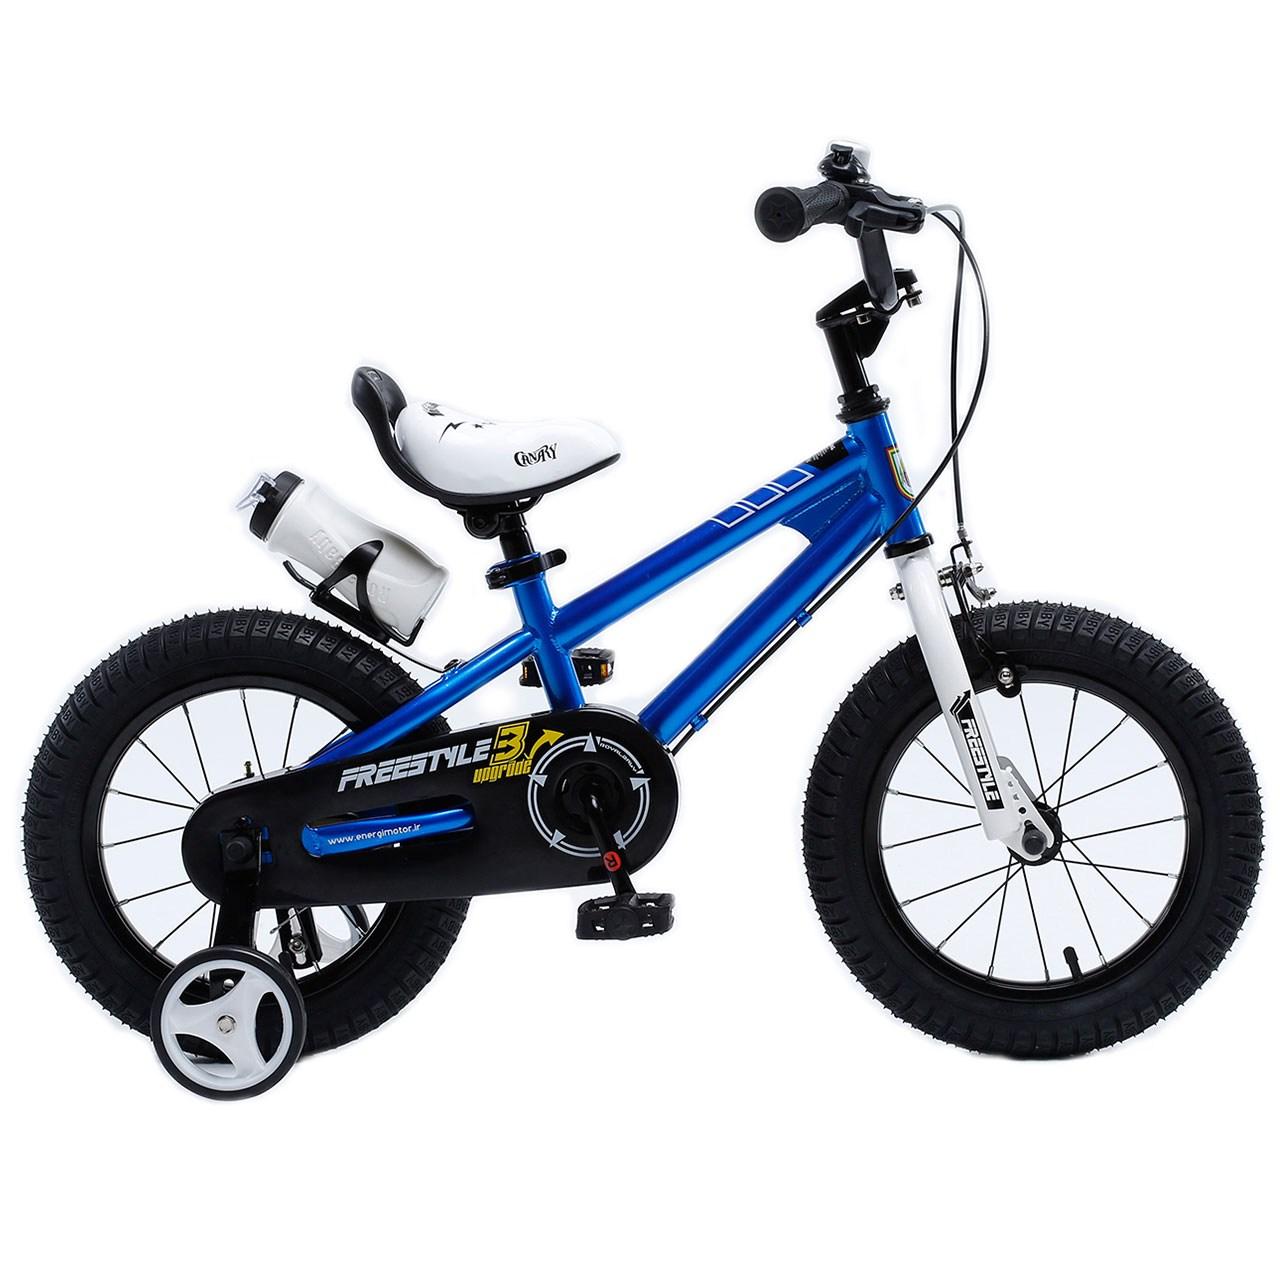 دوچرخه شهری قناری مدل Freestyle سایز 14